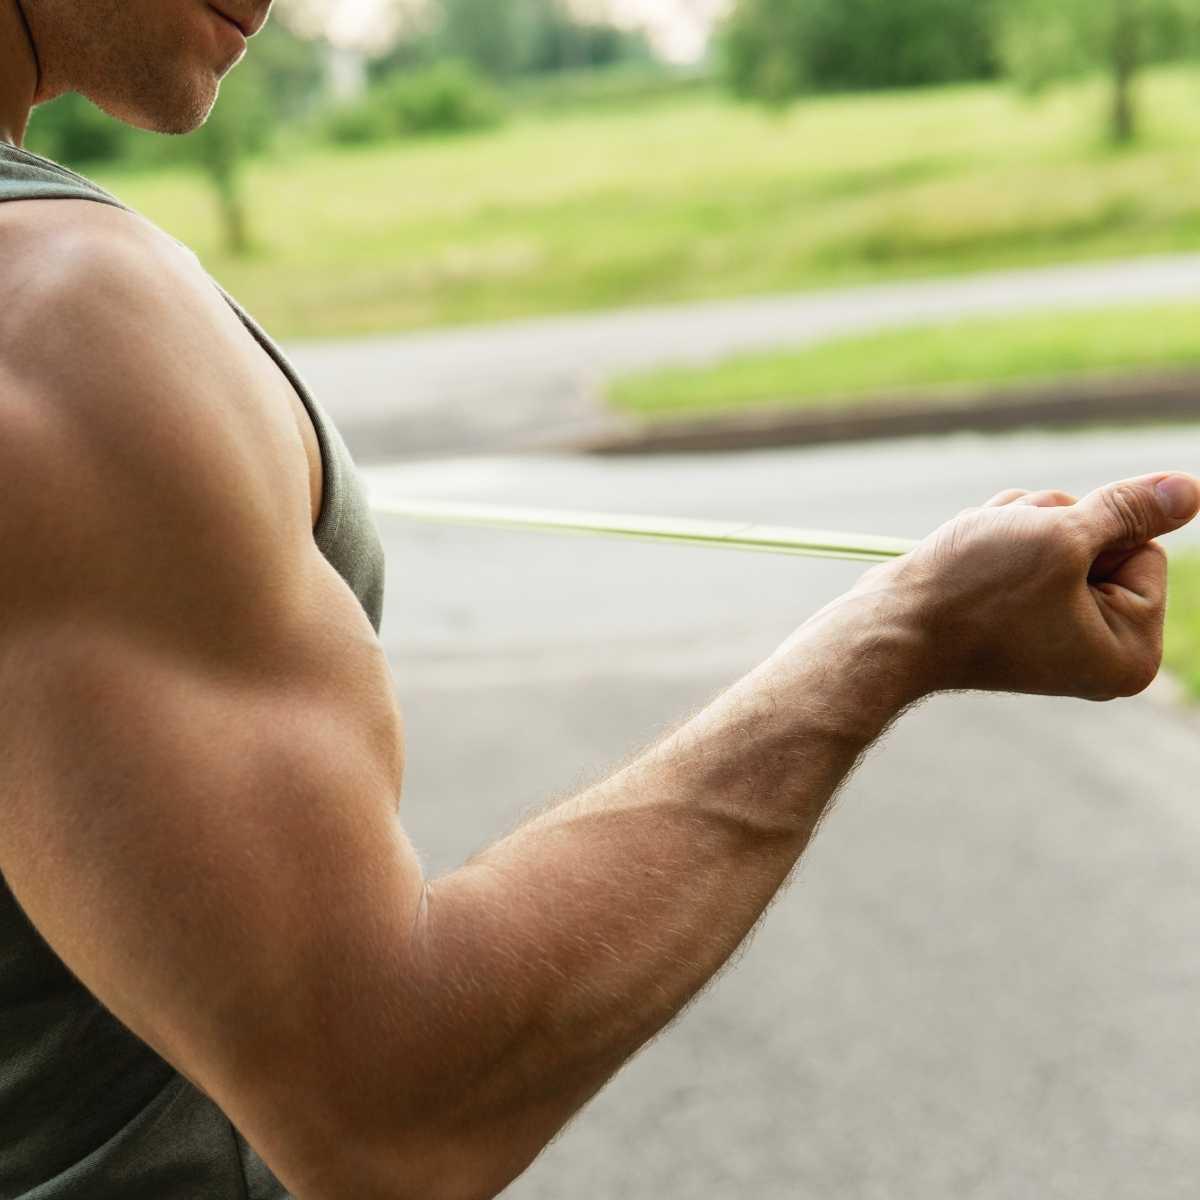 I migliori elastici per l'allenamento fisico